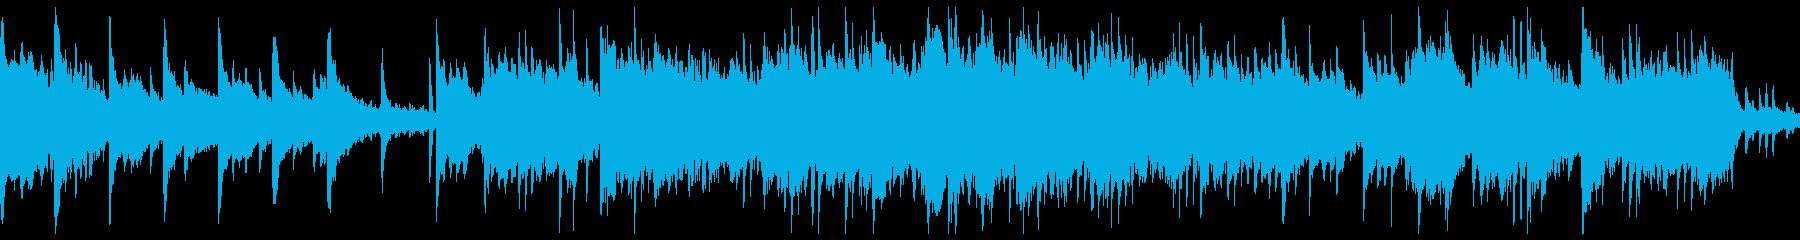 ピアノとサックスのリラックスBGMの再生済みの波形